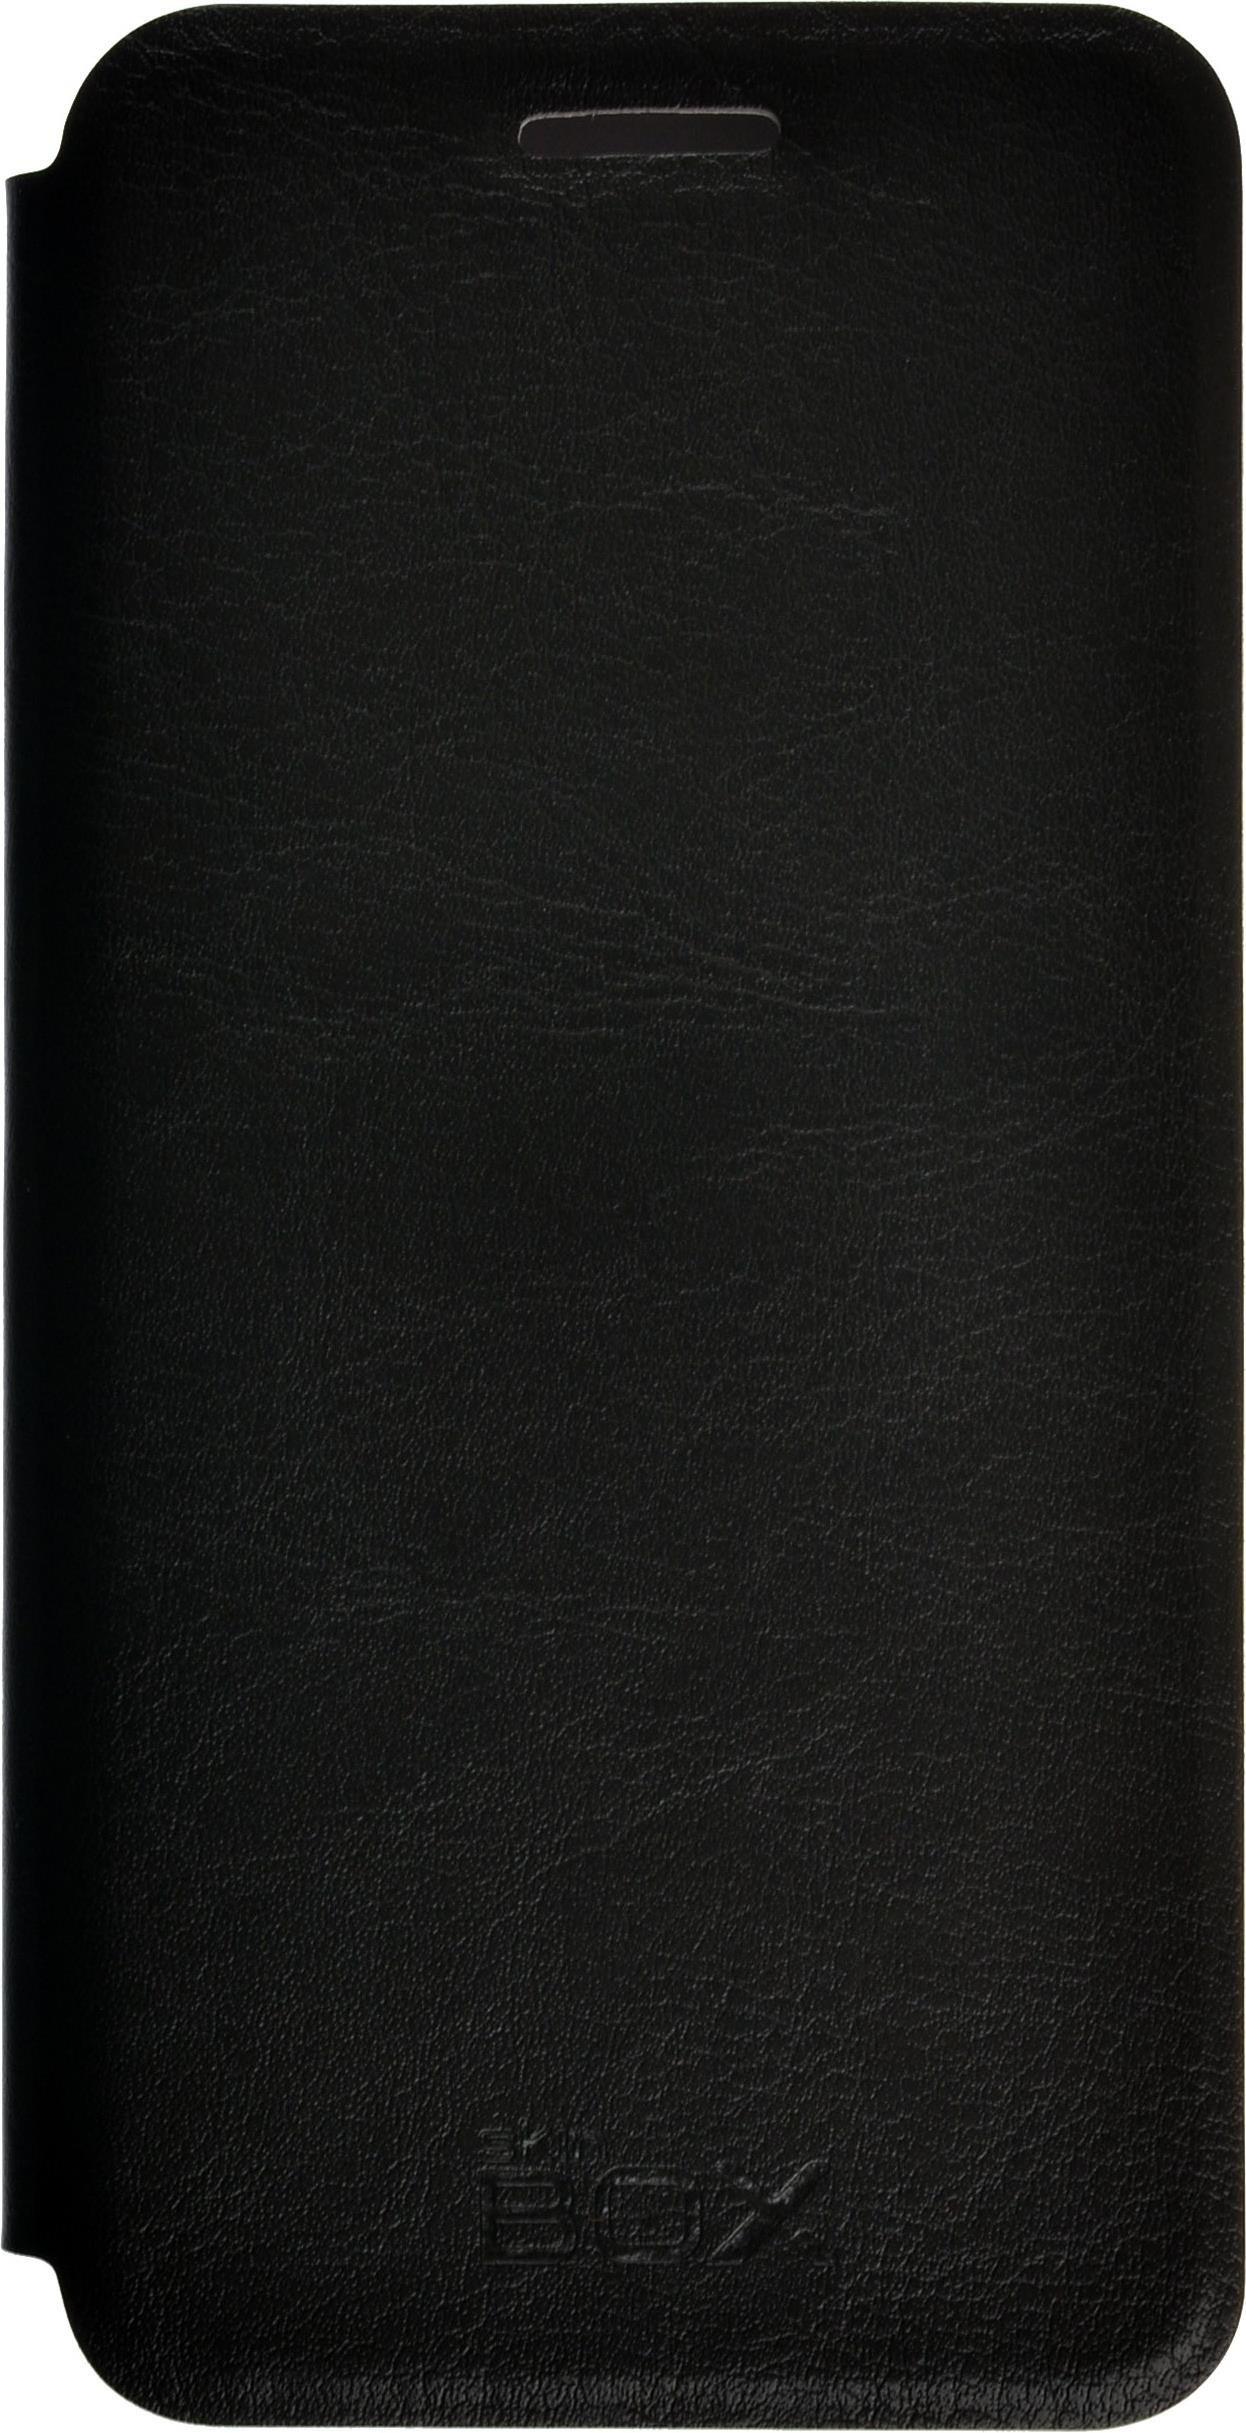 Чехол для сотового телефона skinBOX Lux, 4660041407174, черный chanhowgp lenovo a plus